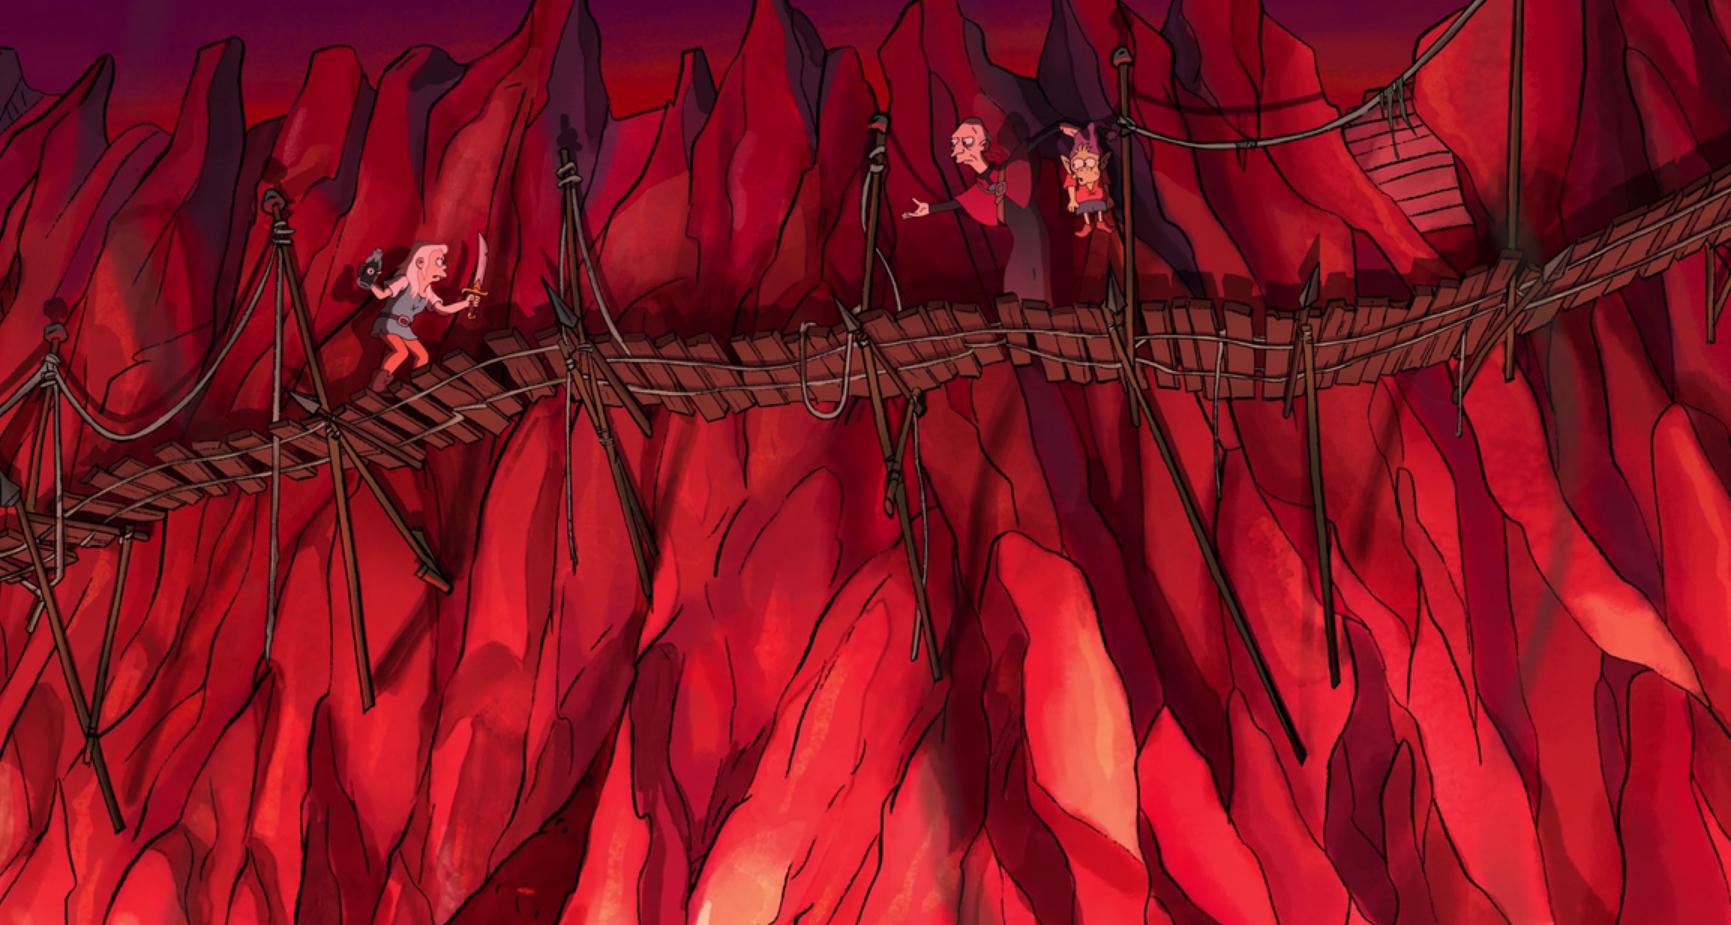 Отсылки и пасхалки в «Разочаровании» — новом мультсериале Мэтта Грейнинга 12